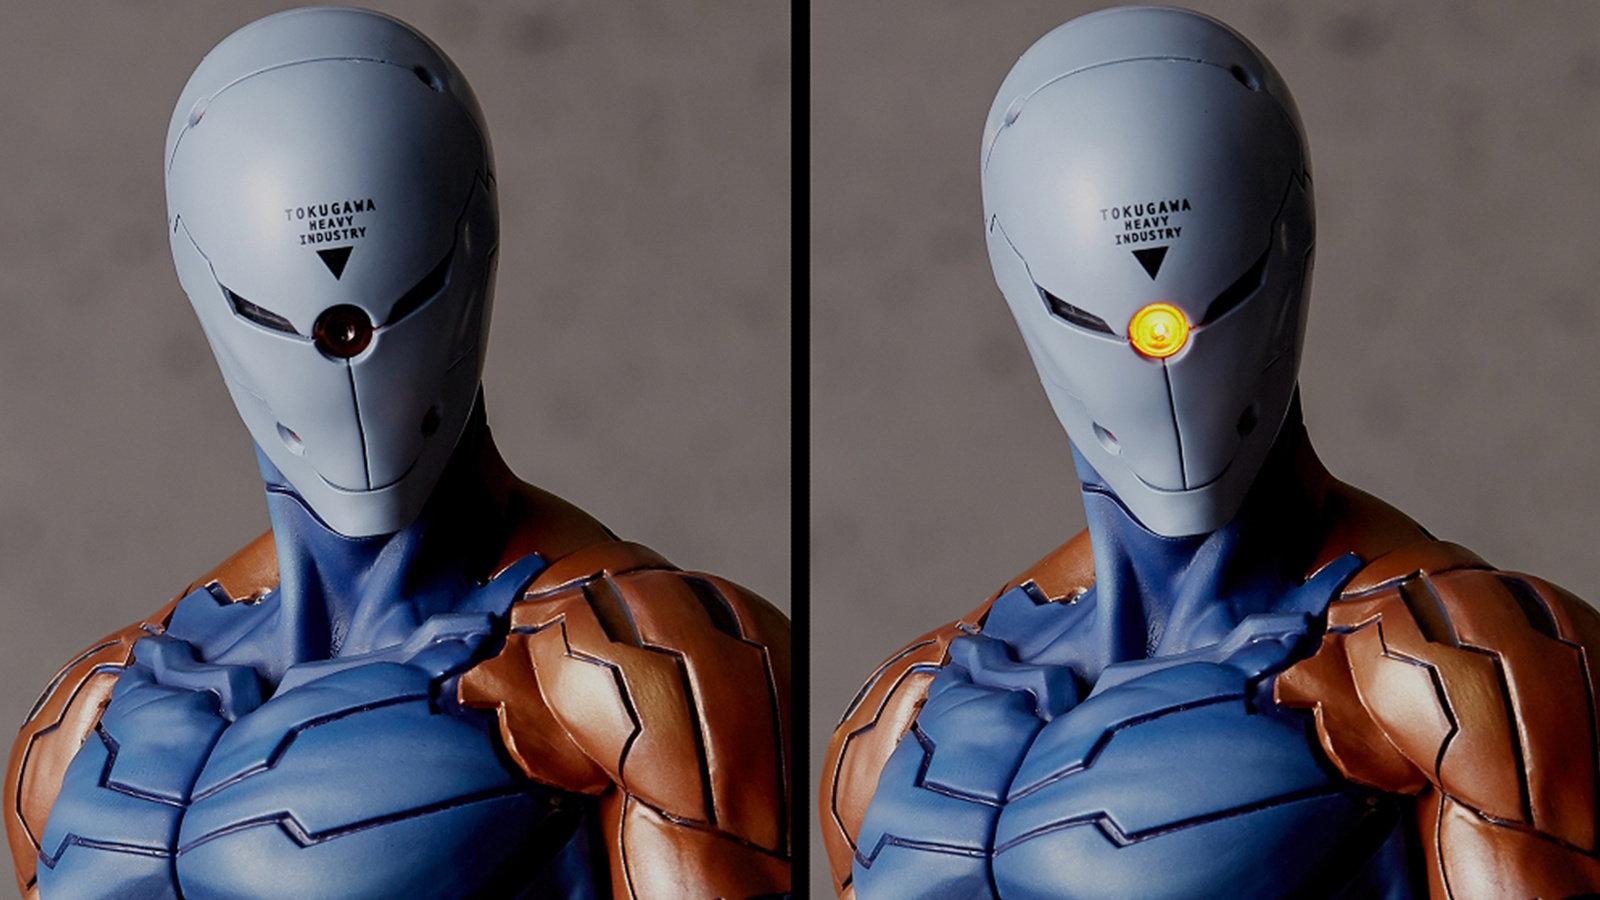 来看看灰狐的这张脸,Gecco出品的《潜龙谍影》灰狐模型现已开启预订